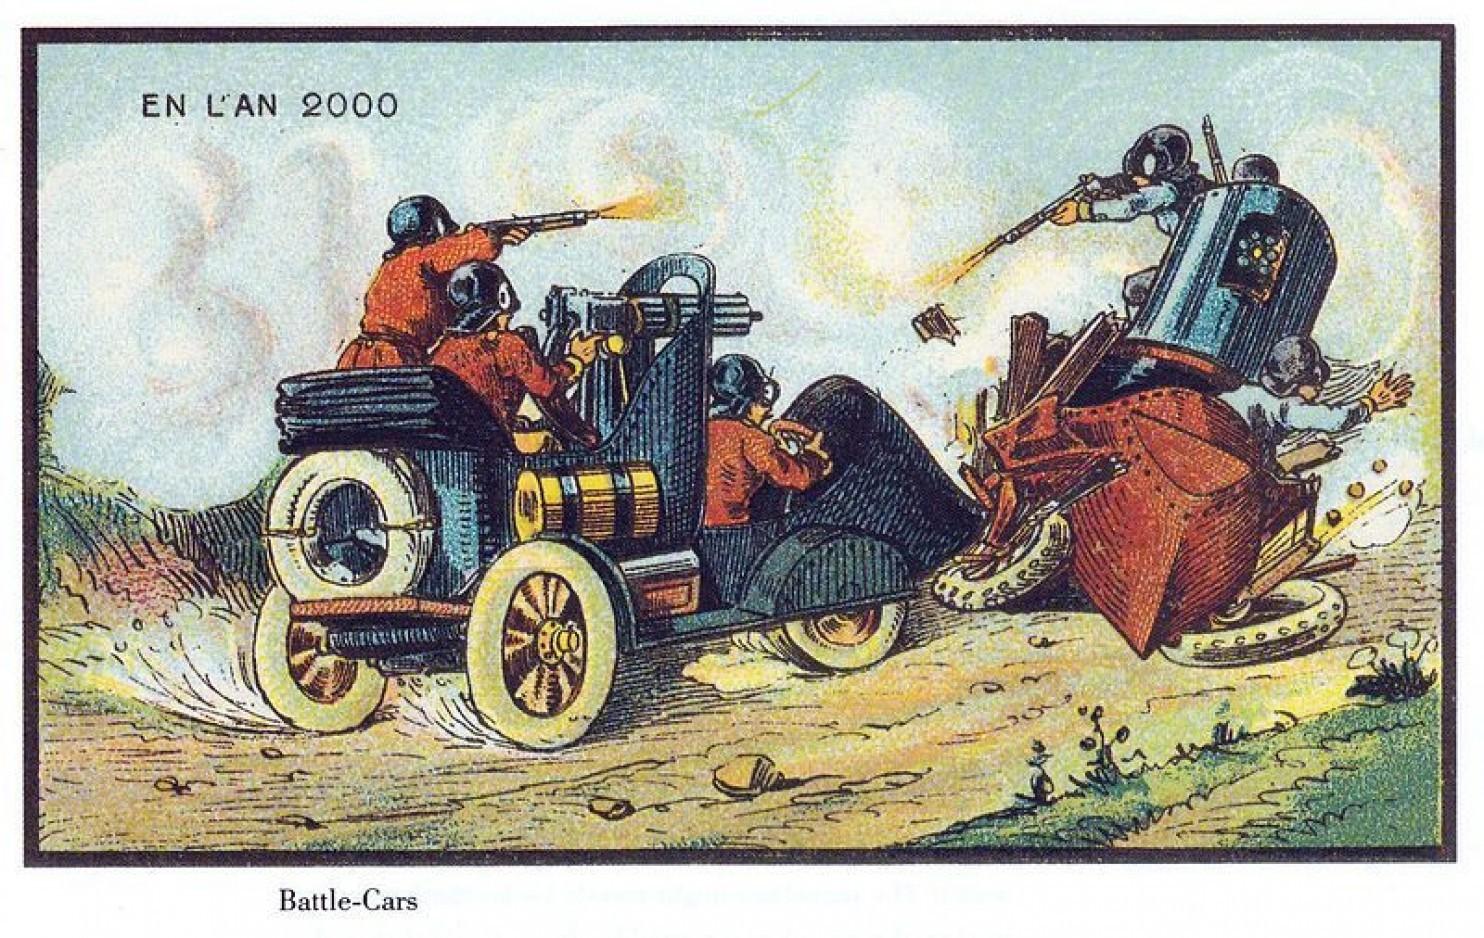 como imaginaban el futuro en 1900 ilustraciones 18